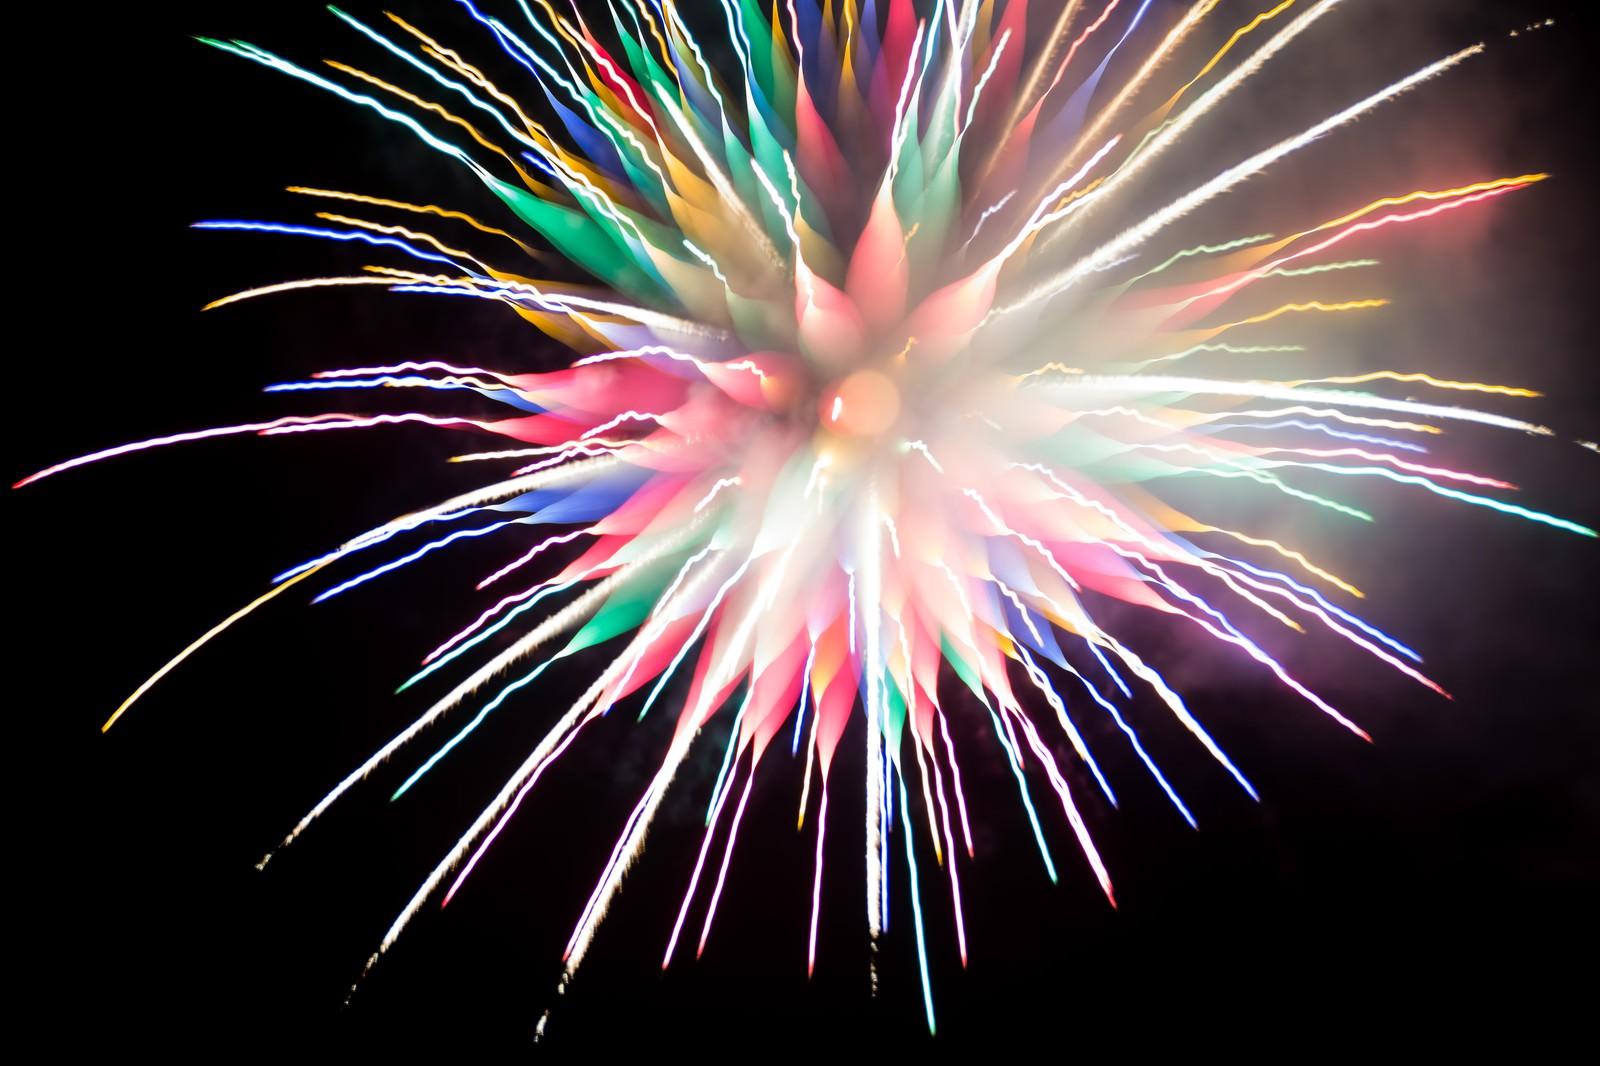 「カラフルな炎色反応を起こす花火」の写真